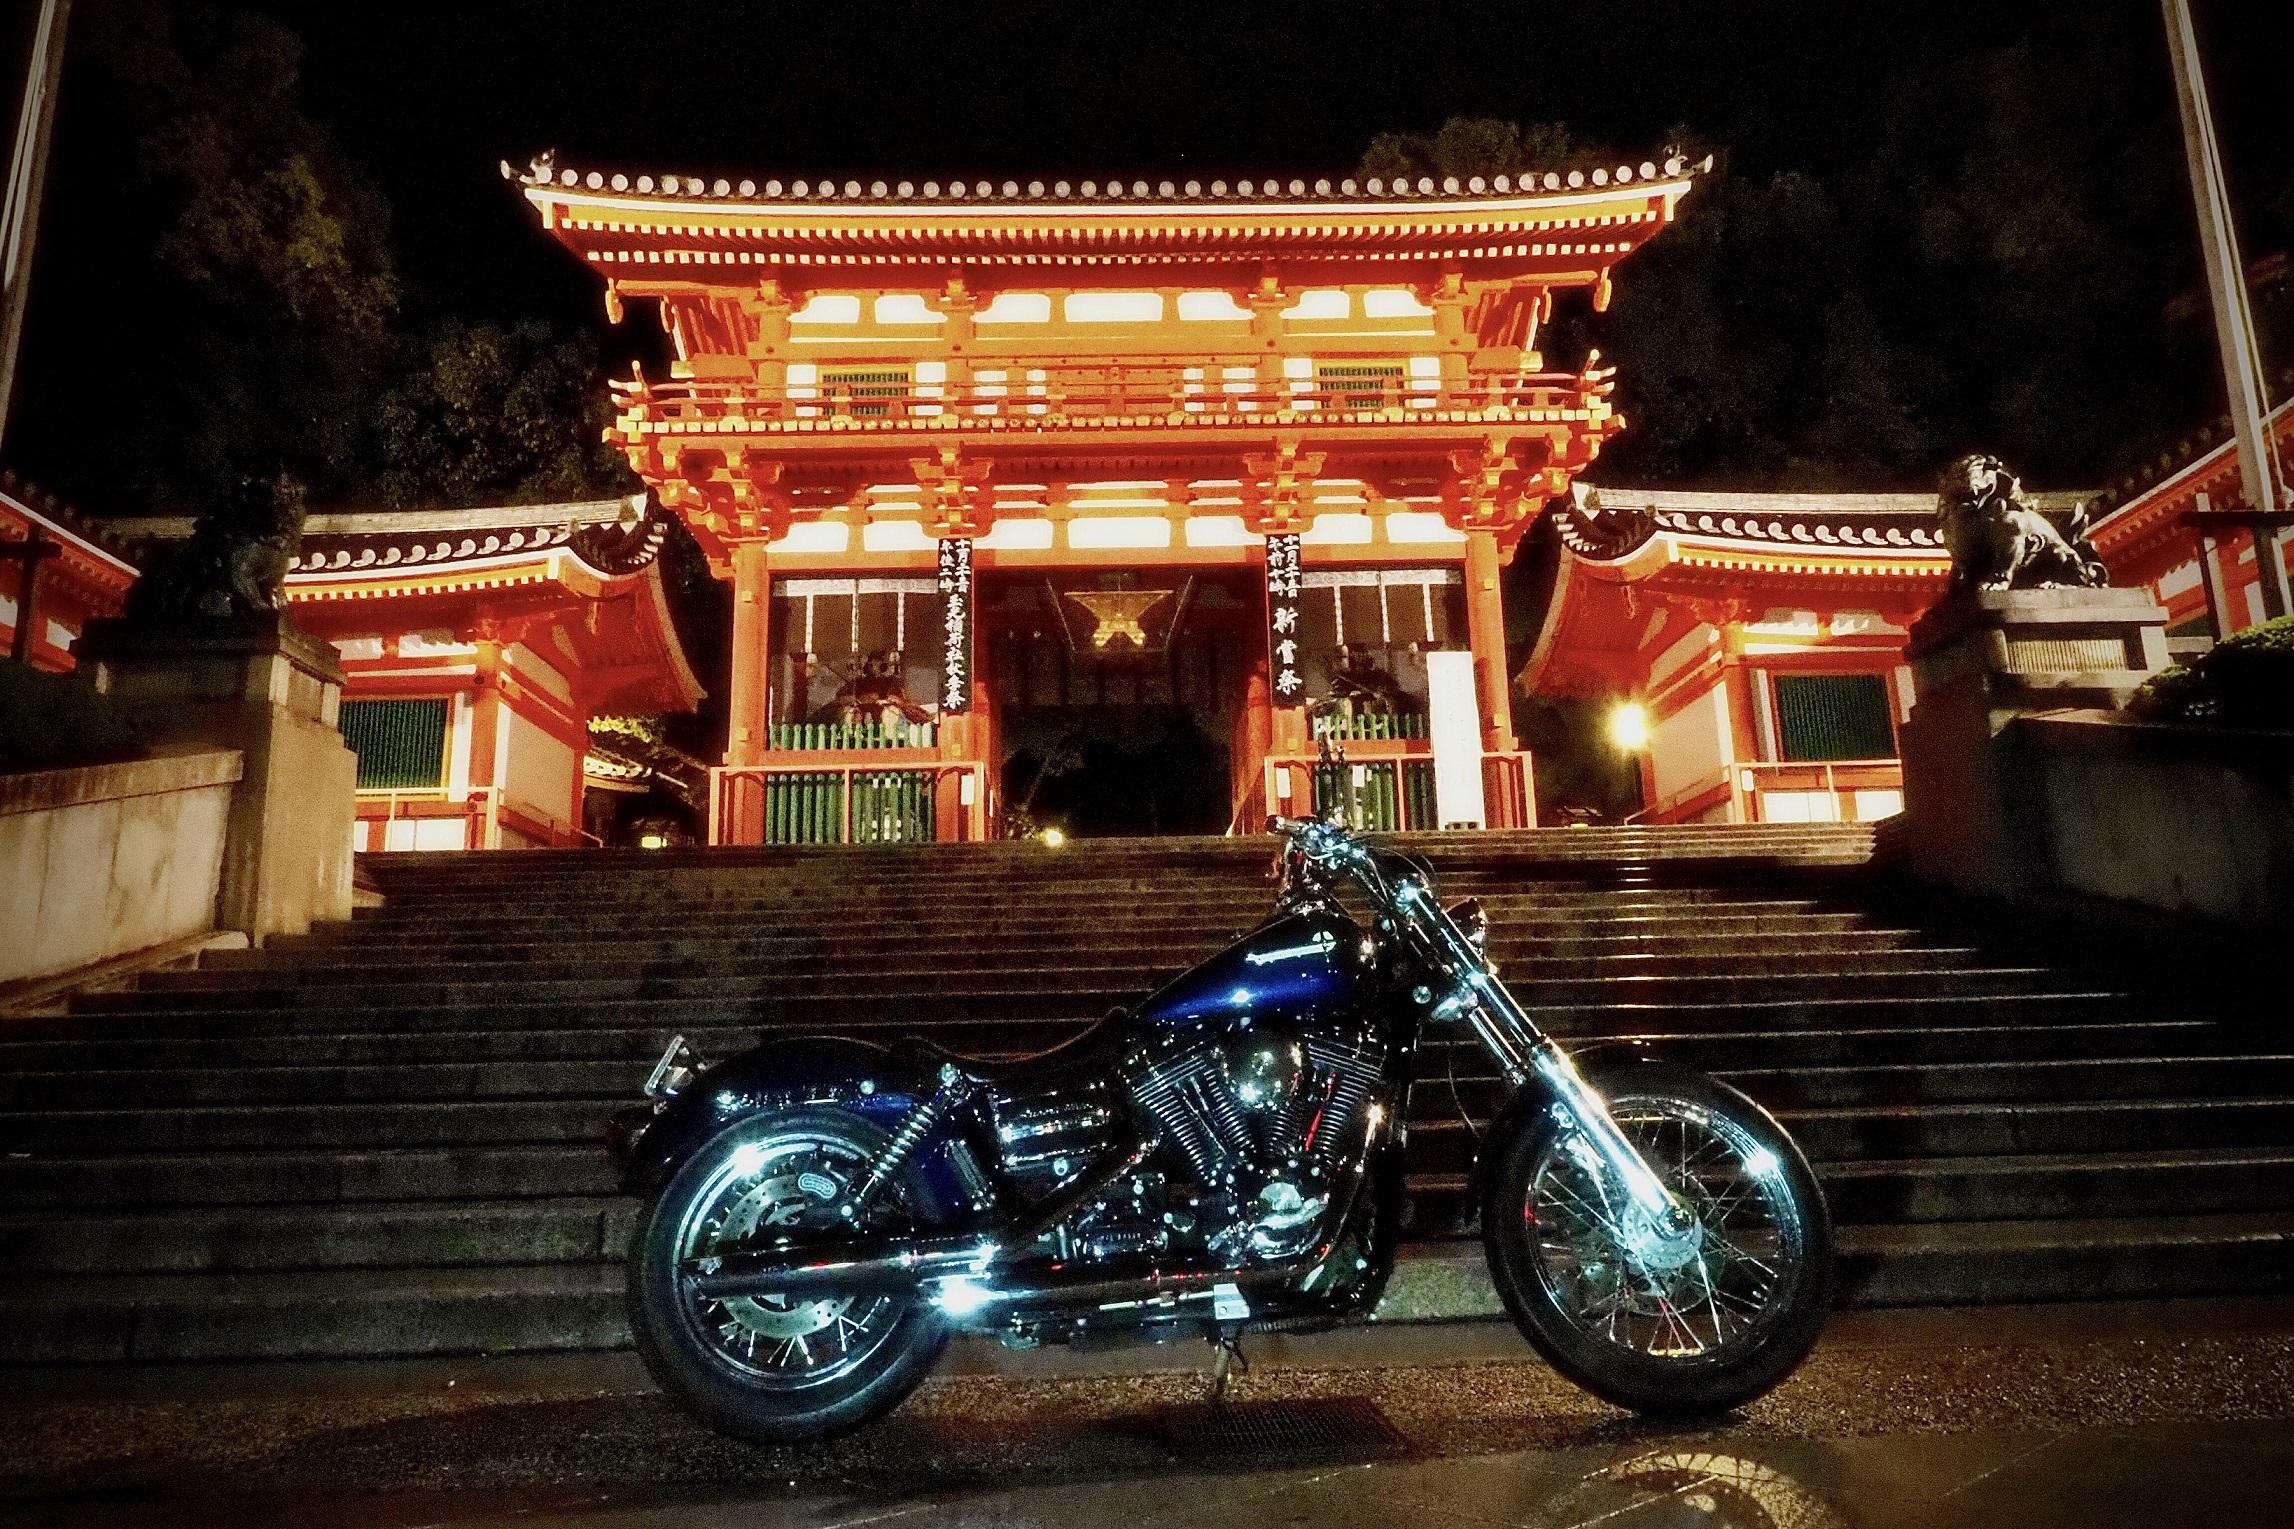 ぴーきちハーレーブログ 京都ナイトツーリング 八坂神社 夜 雨の京都